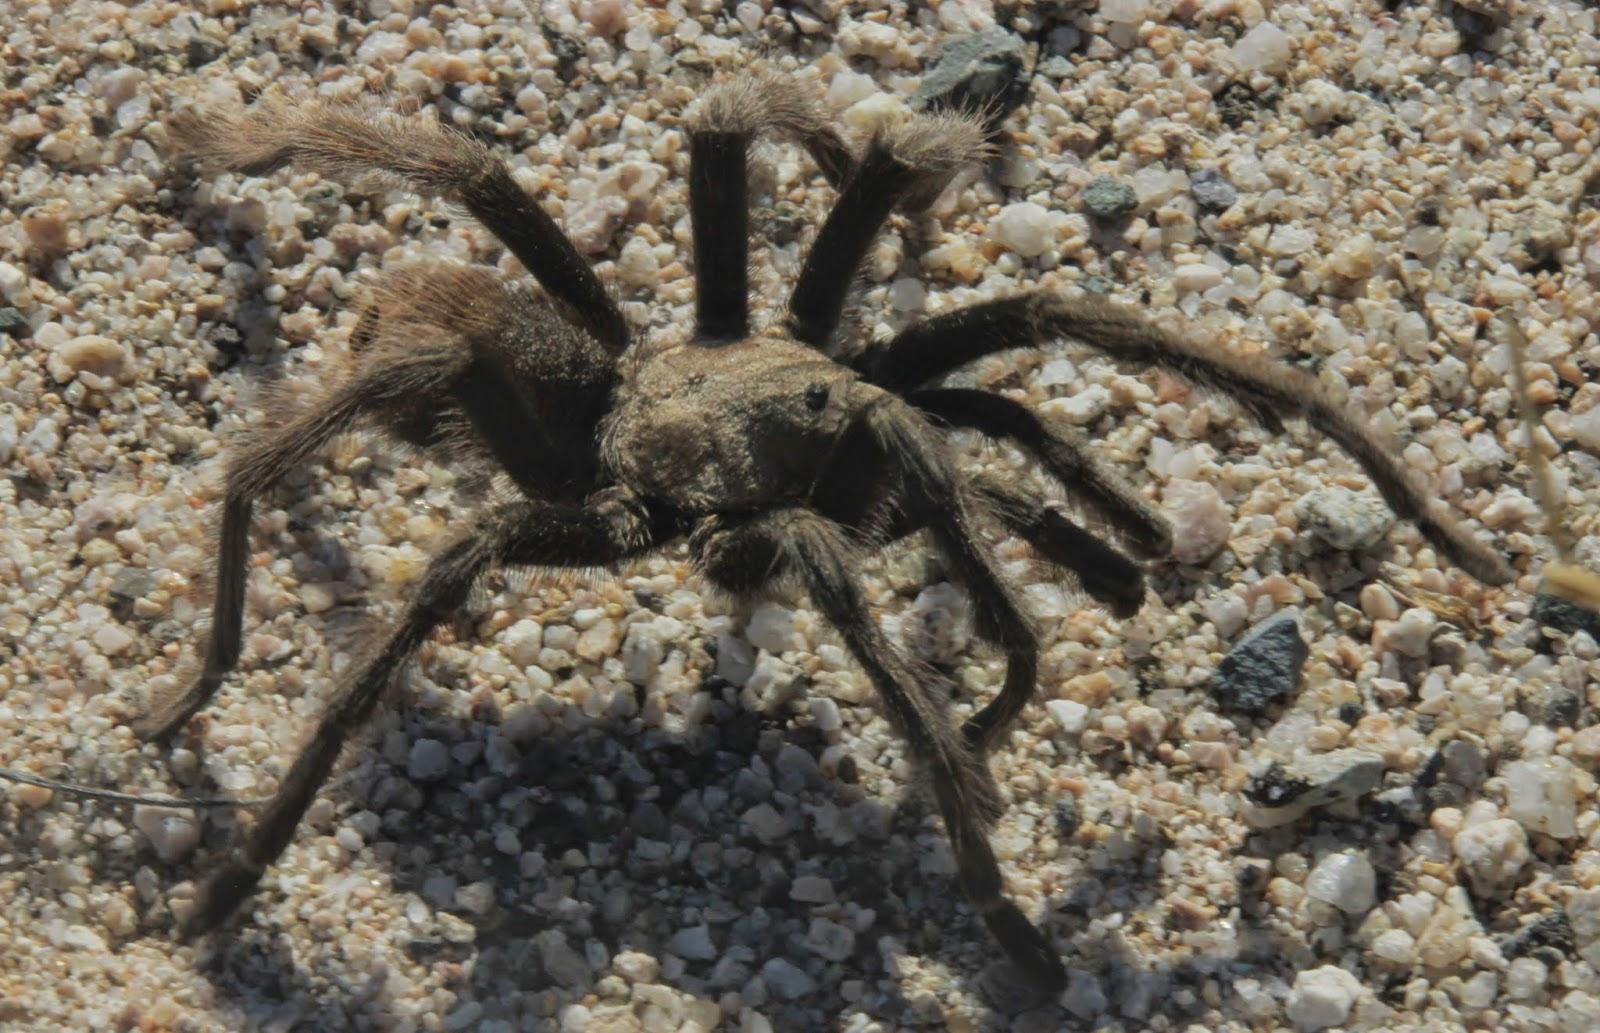 Tarantula, Mojave National Preserve